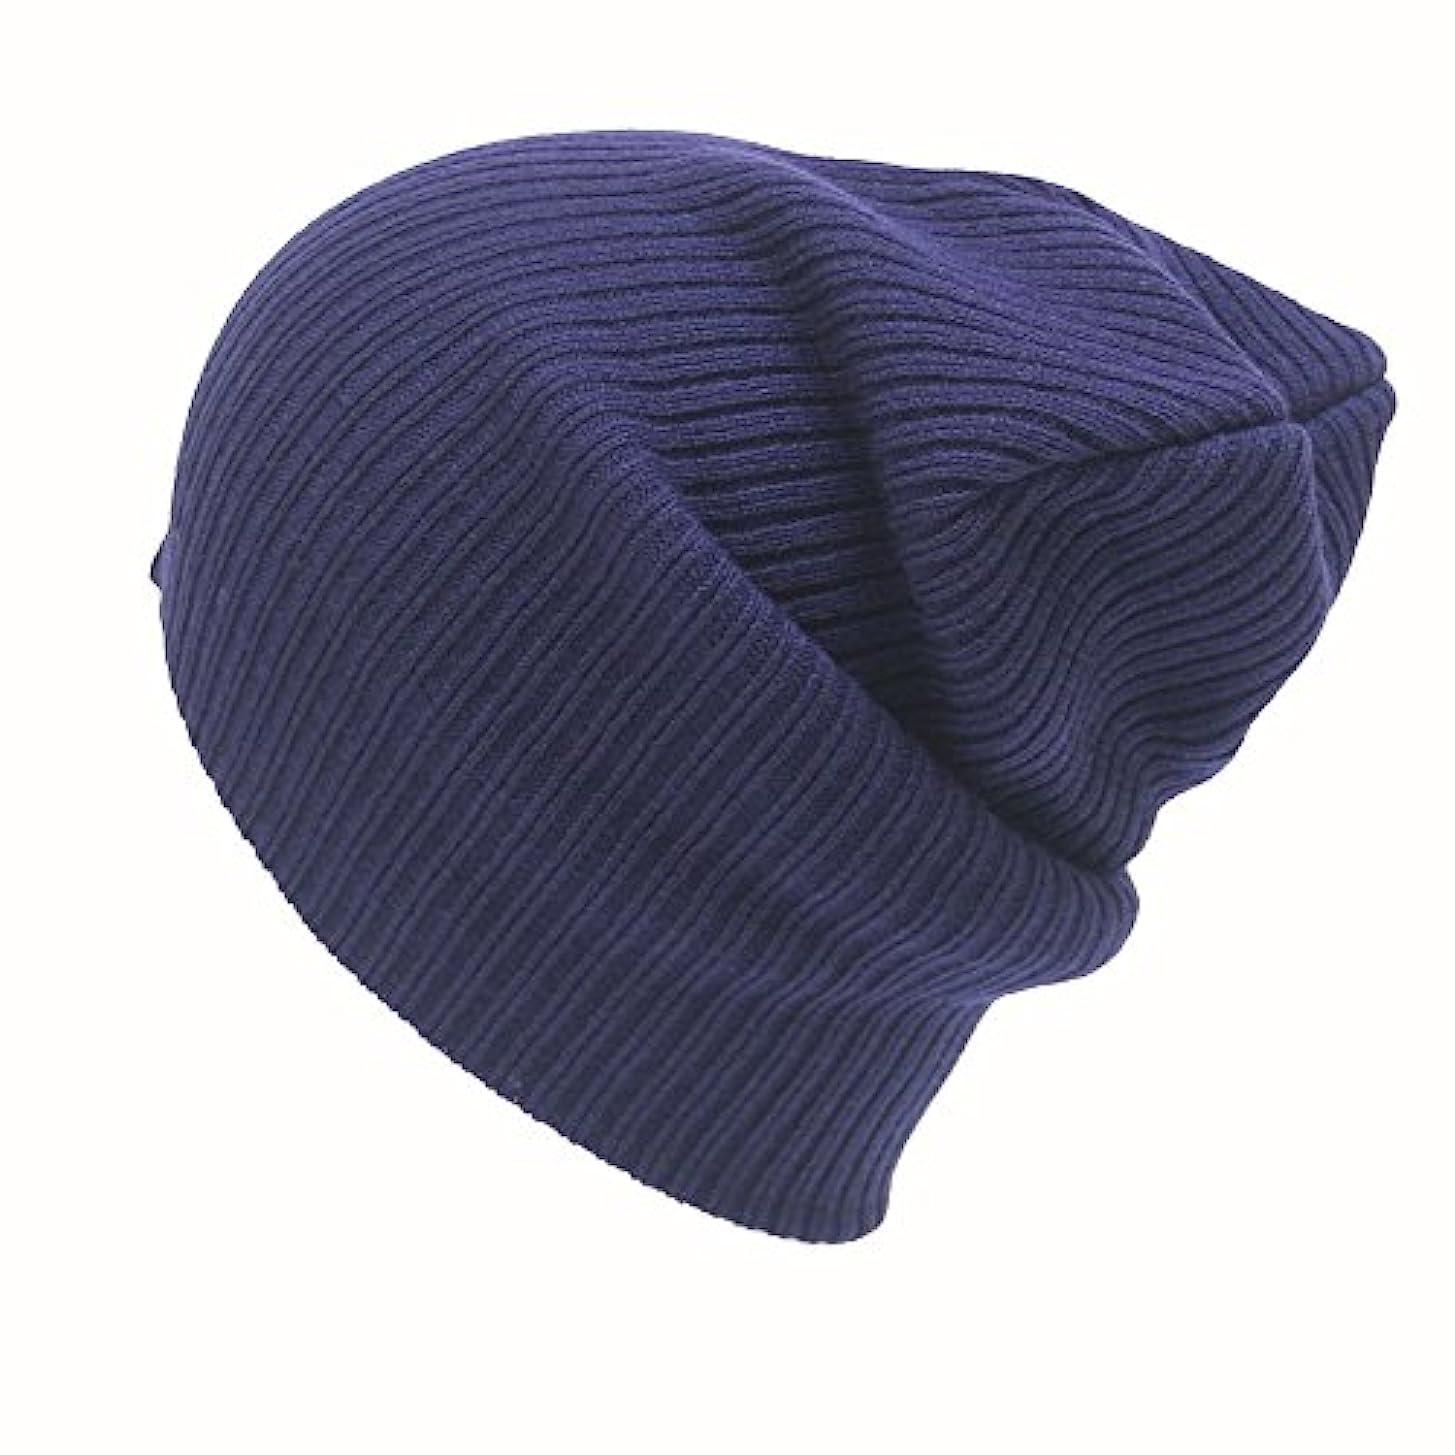 ブラウズスリムなんとなくRacazing 選べる7色 ニット帽 編み物 ストライプ ニット帽 防寒対策 通気性のある 防風 暖かい 軽量 屋外 スキー 自転車 クリスマス Hat 男女兼用 (ネービー)